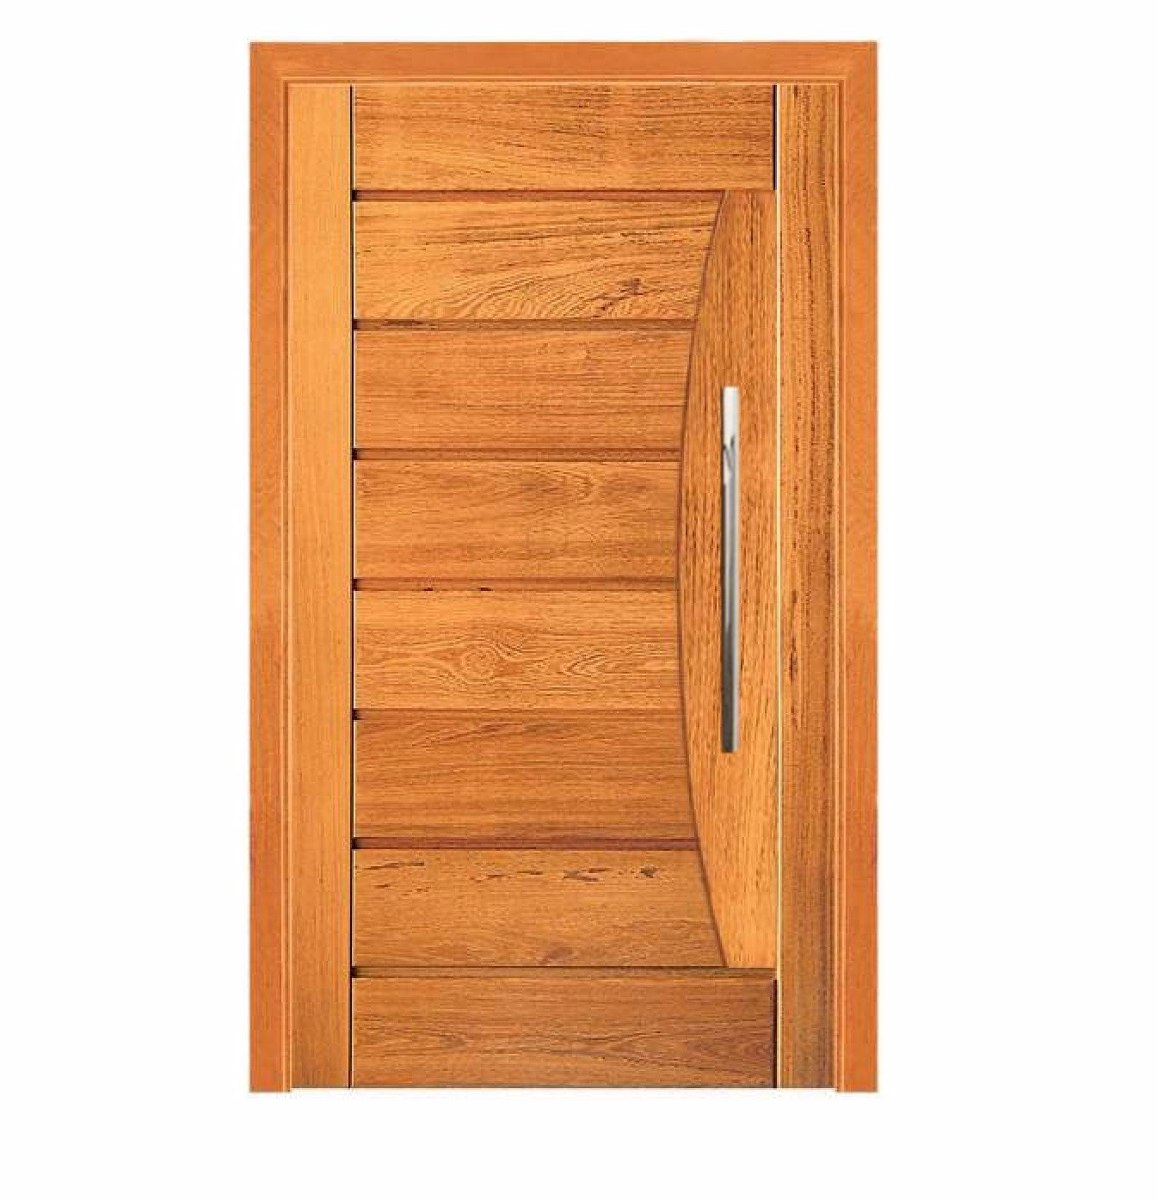 Porta Pivotante De Madeira Sob Medida Pre O M2 R 800 00